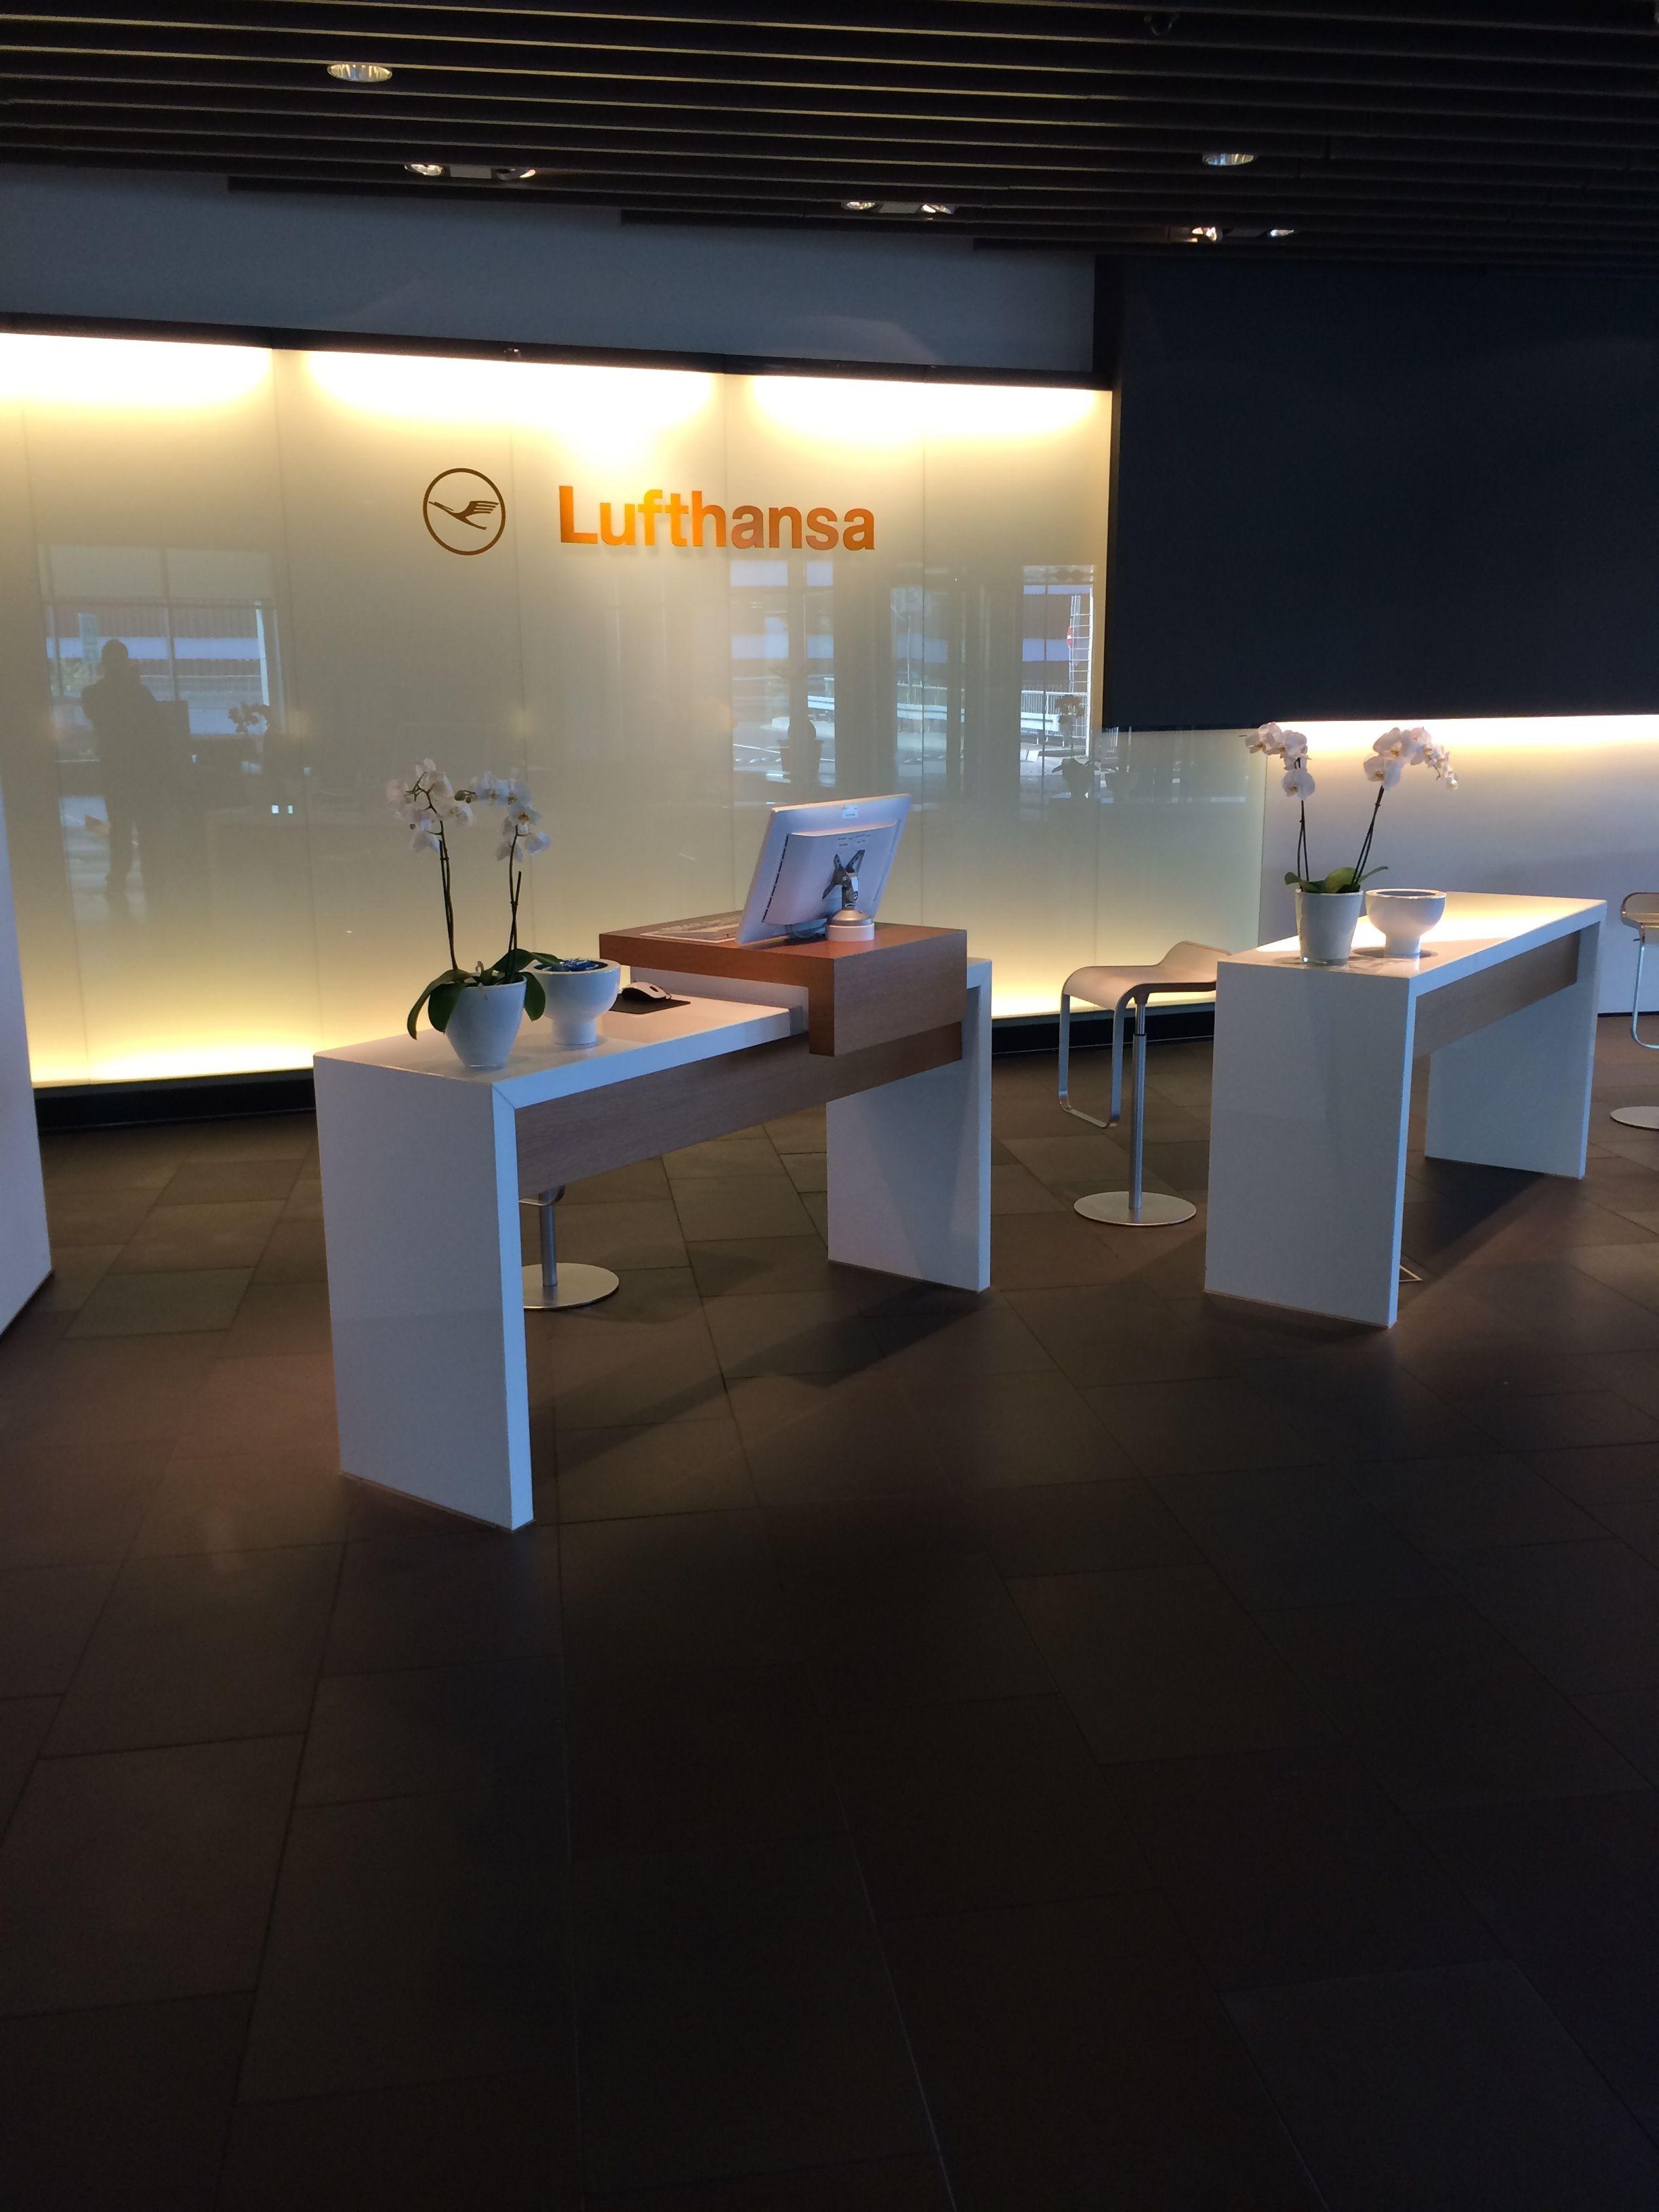 Lufthansa-First-Class-Terminal-lufthansa first class terminal